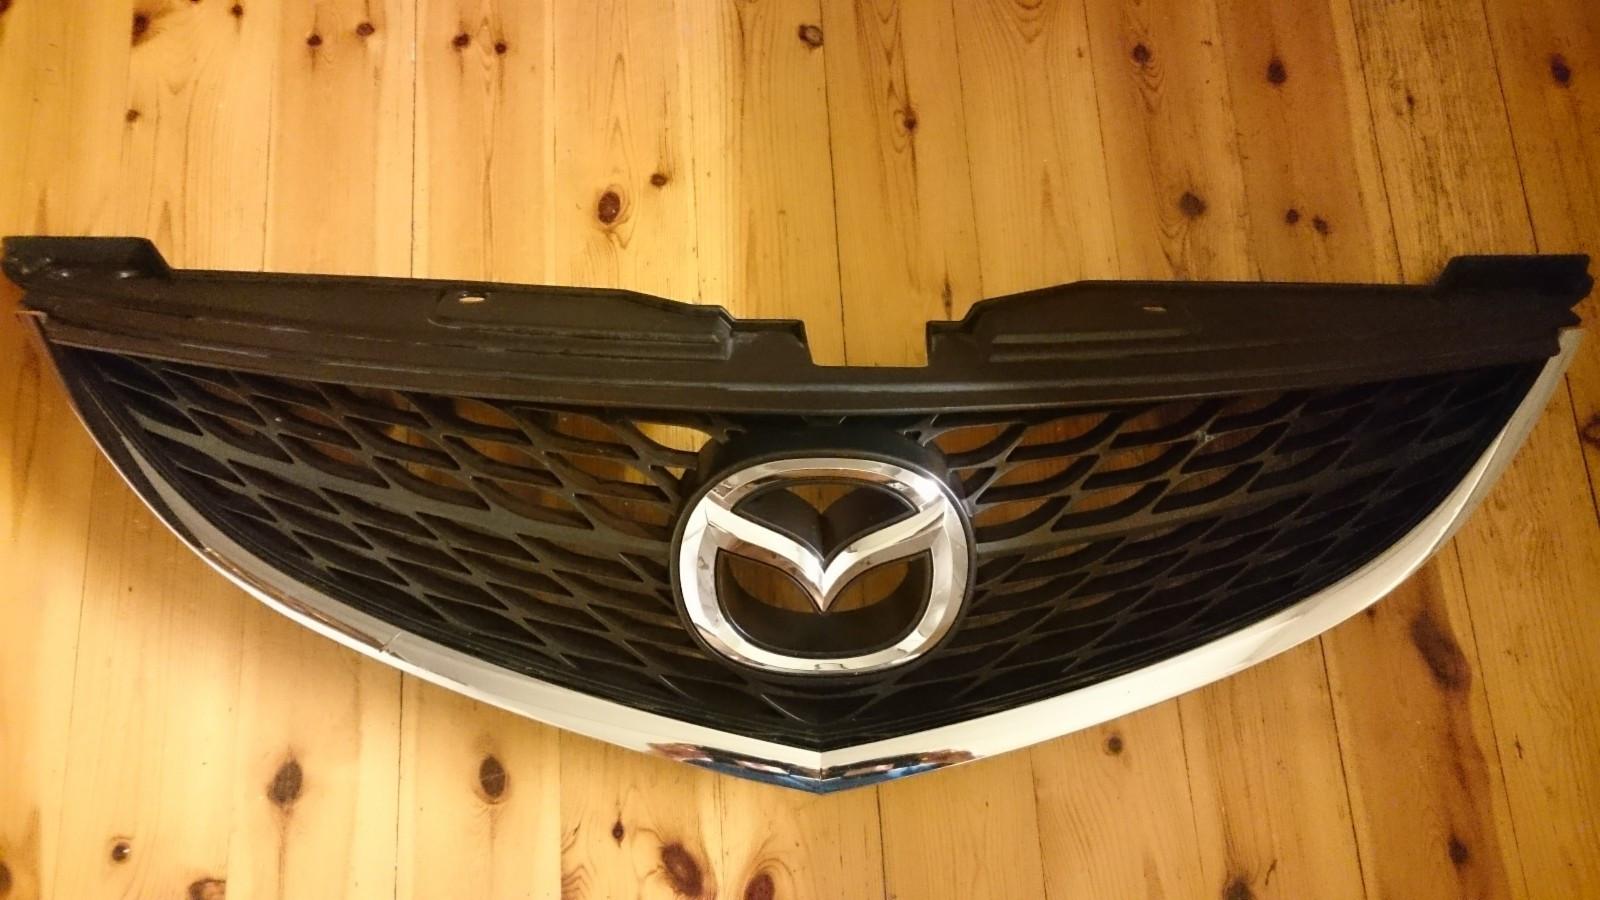 Mazda 6 Grill - Hjelset  - Mazda 6 Grill selges, i nesten strøken stand. Send epost om interresert. Kun kontant betaling, ikke postoppkrav. - Hjelset